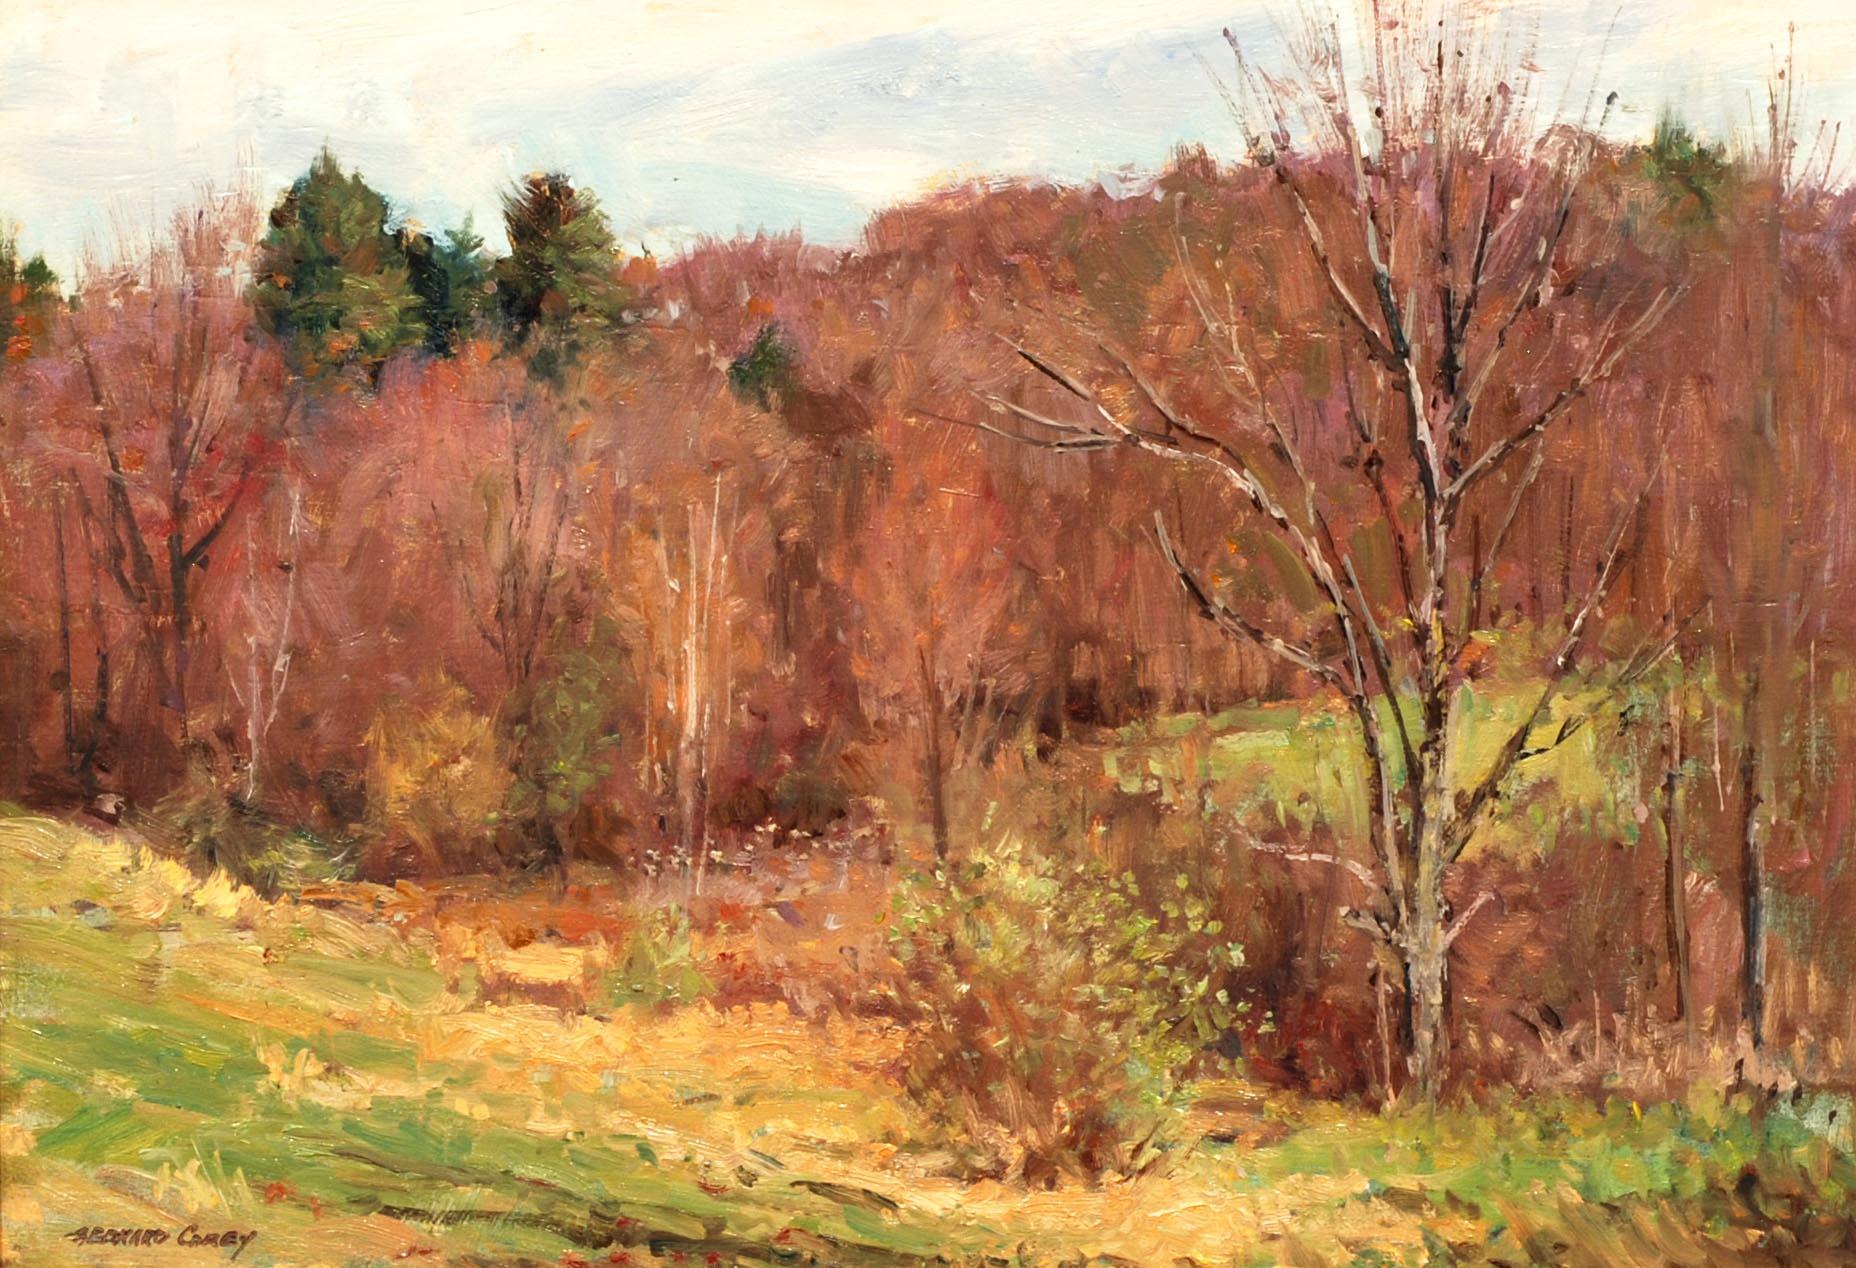 Bernard Corey Early Spring Field